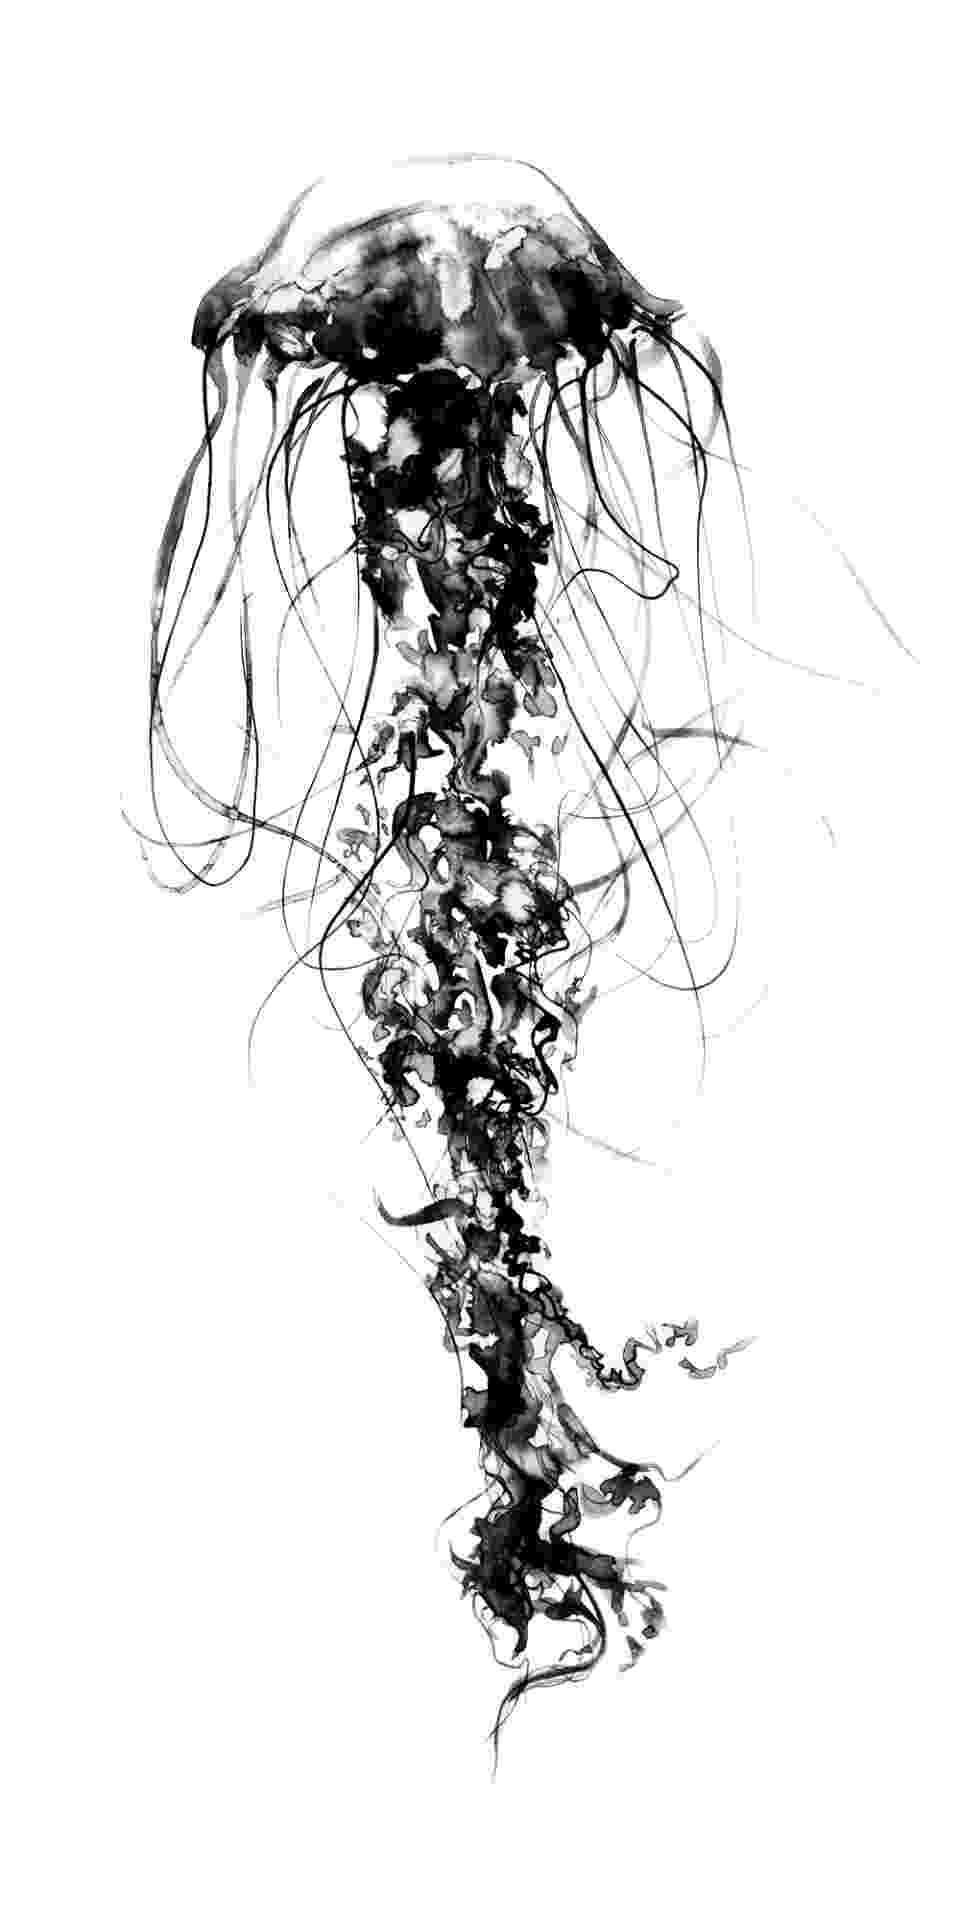 jellyfish sketch how to draw jellyfish step by step arcmelcom jellyfish sketch